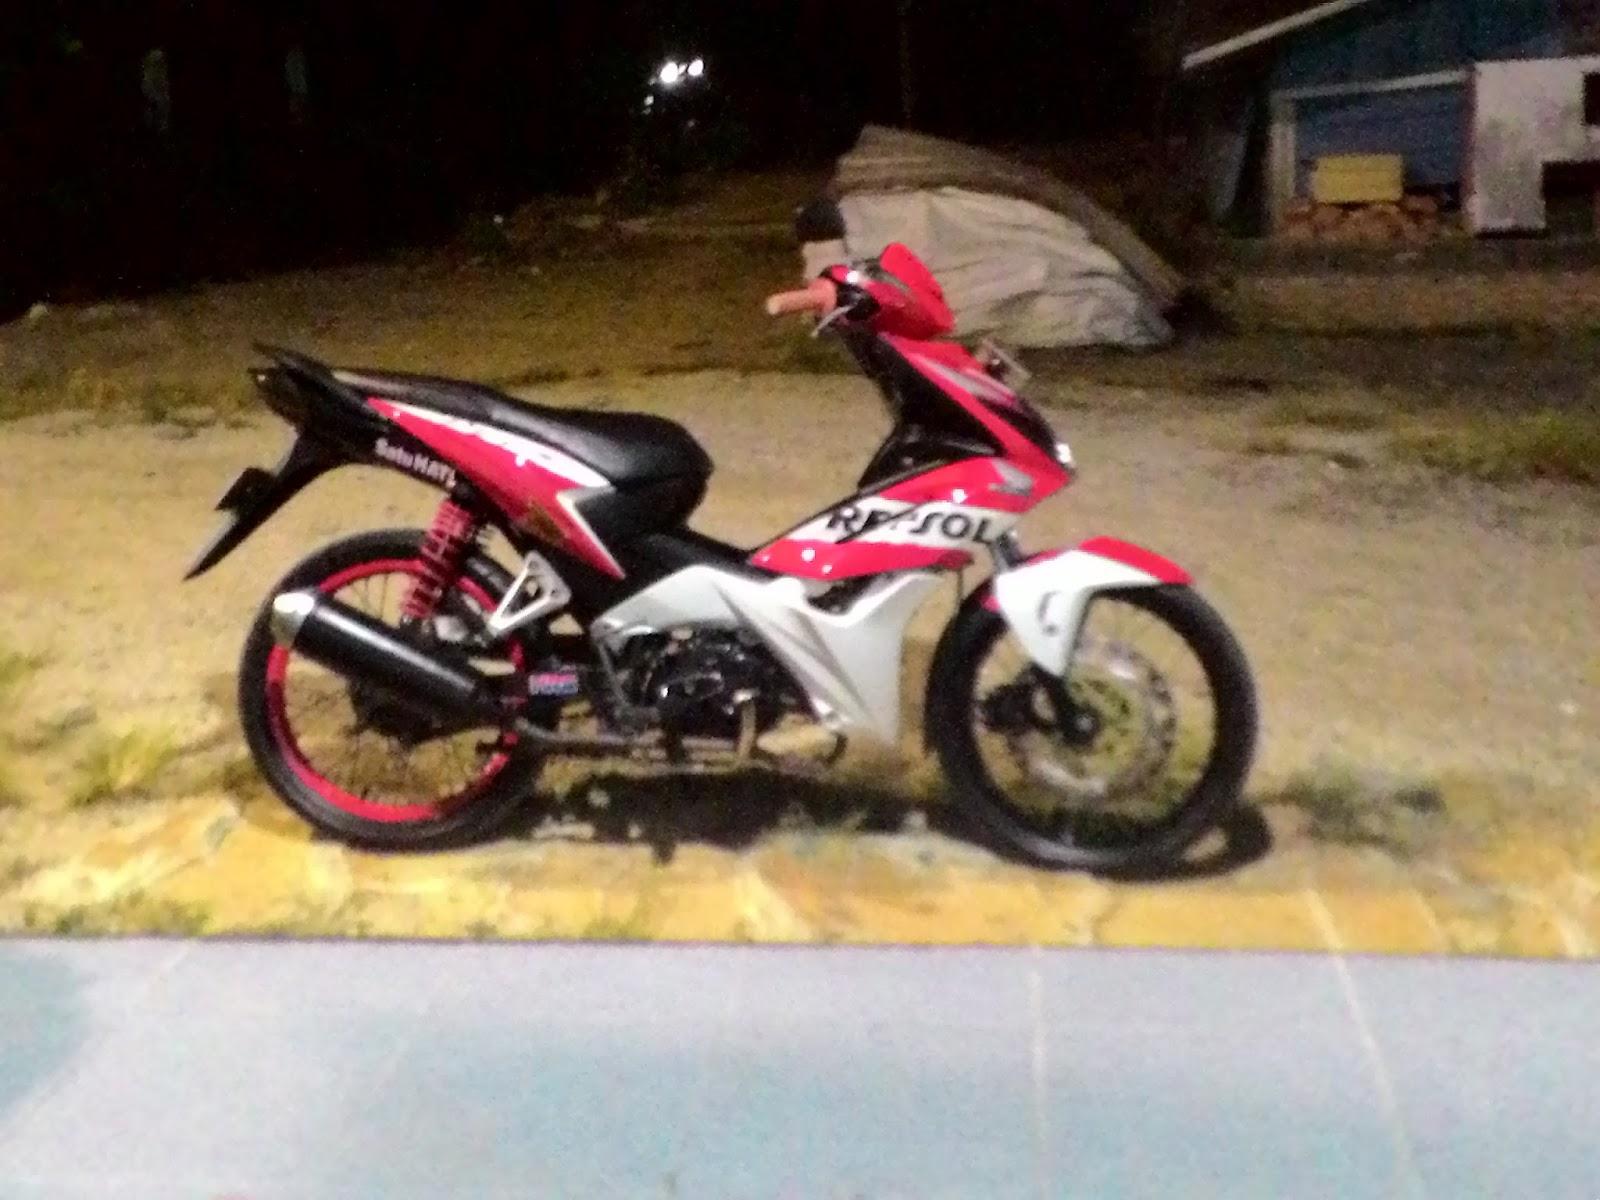 51 Modifikasi Motor Honda Blade 110cc Terbaru Dan